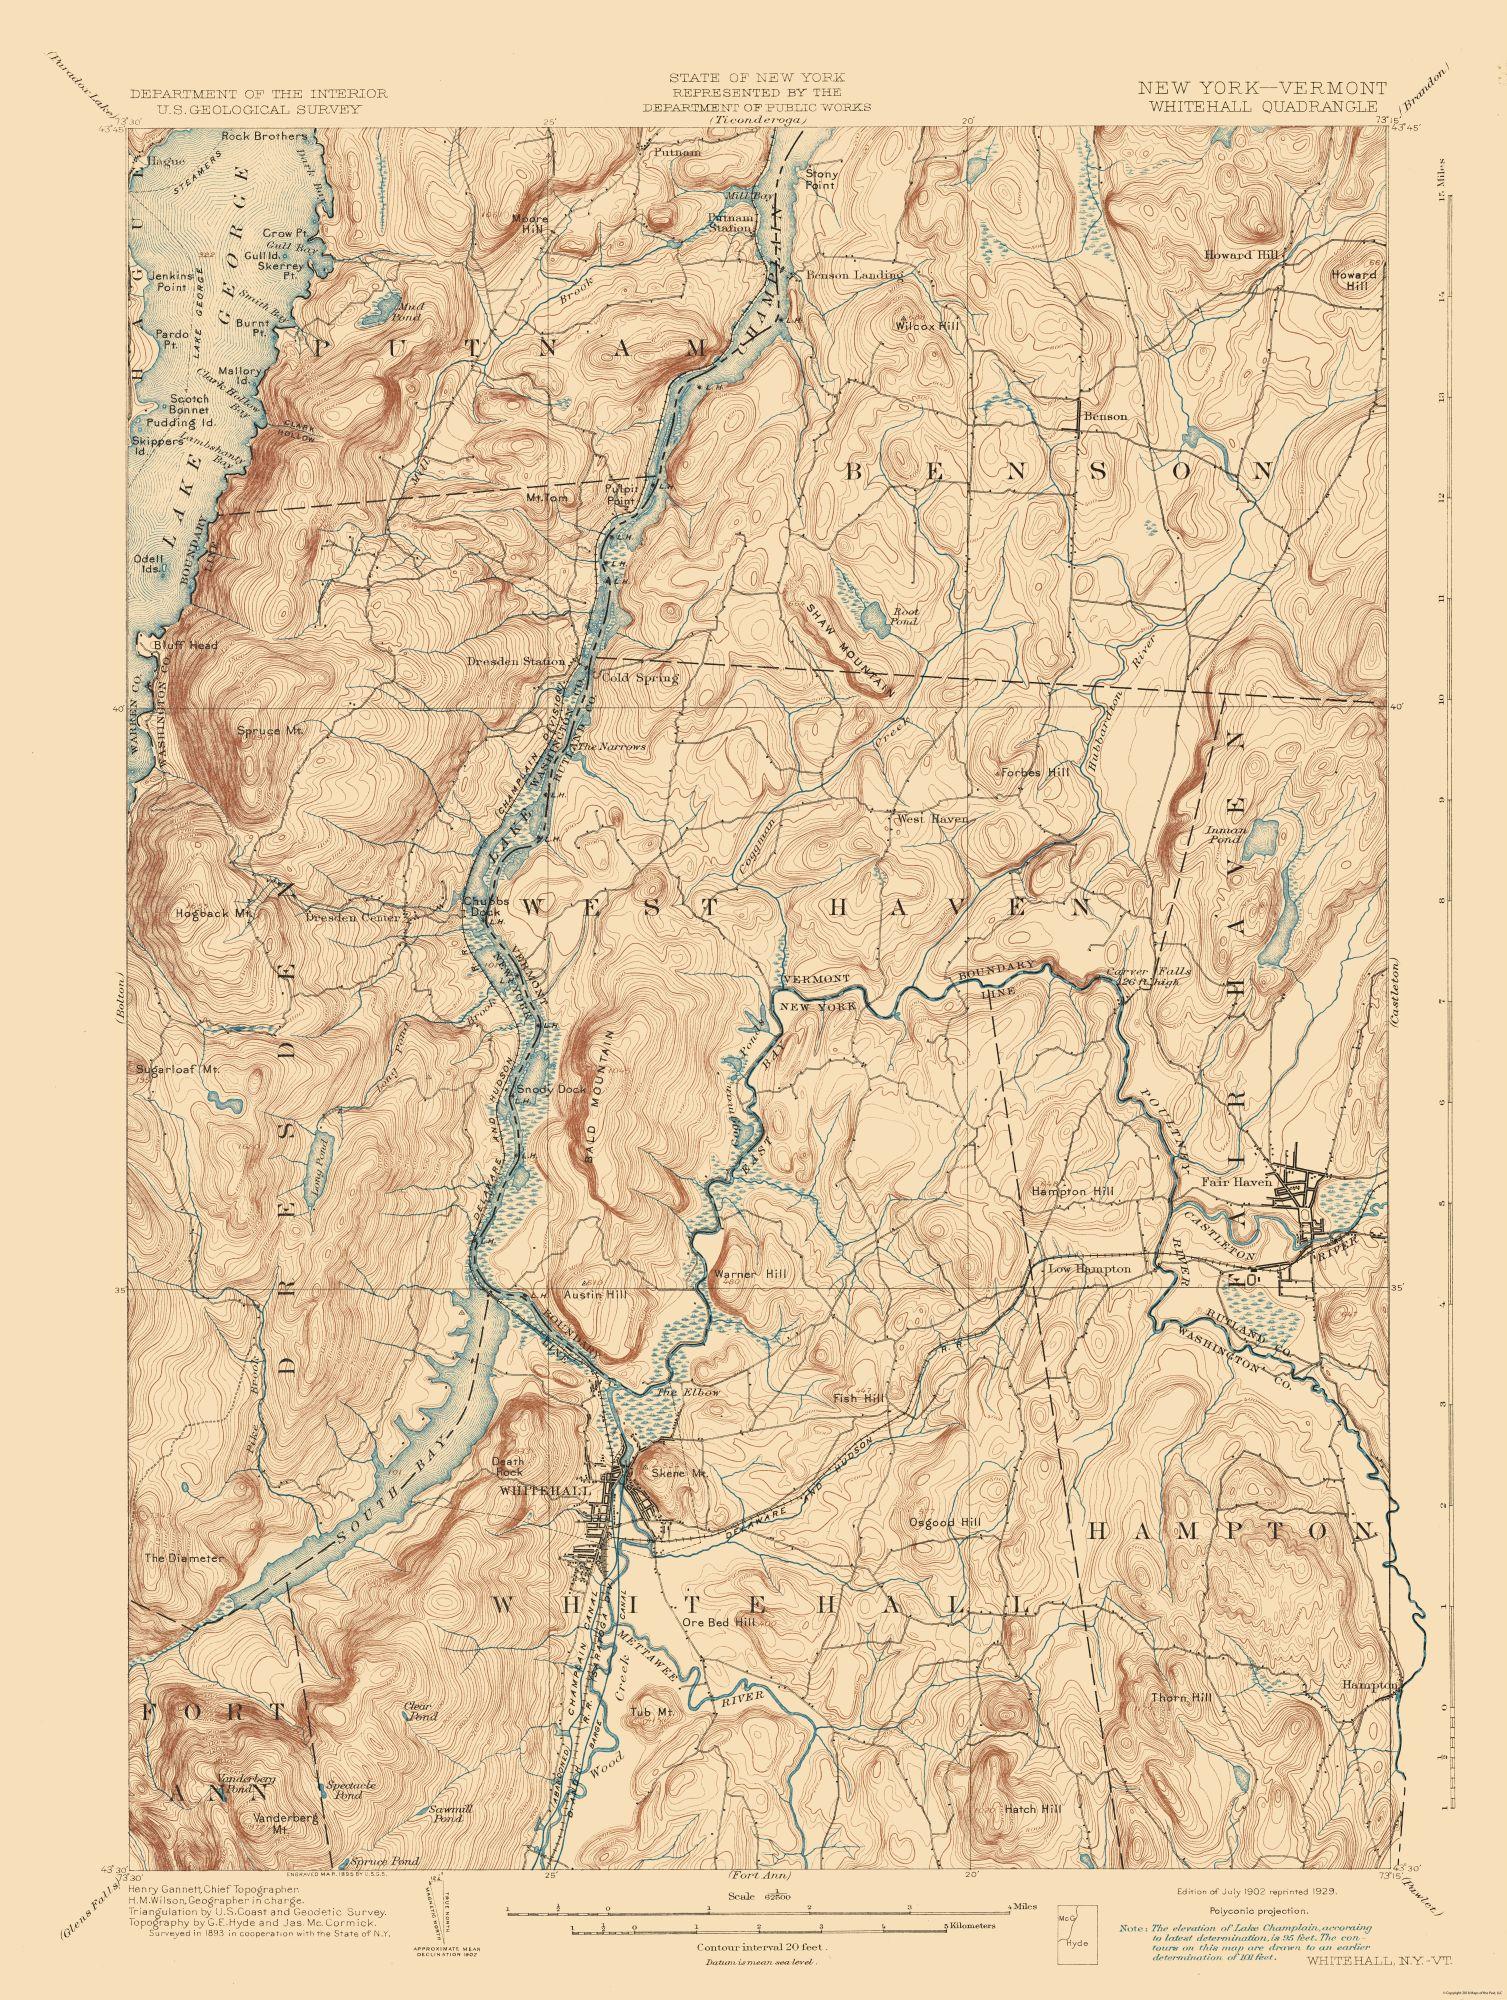 Topographic Map - Whitehall New York Vermont Quad - USGS 1902 - 23 x 30.53